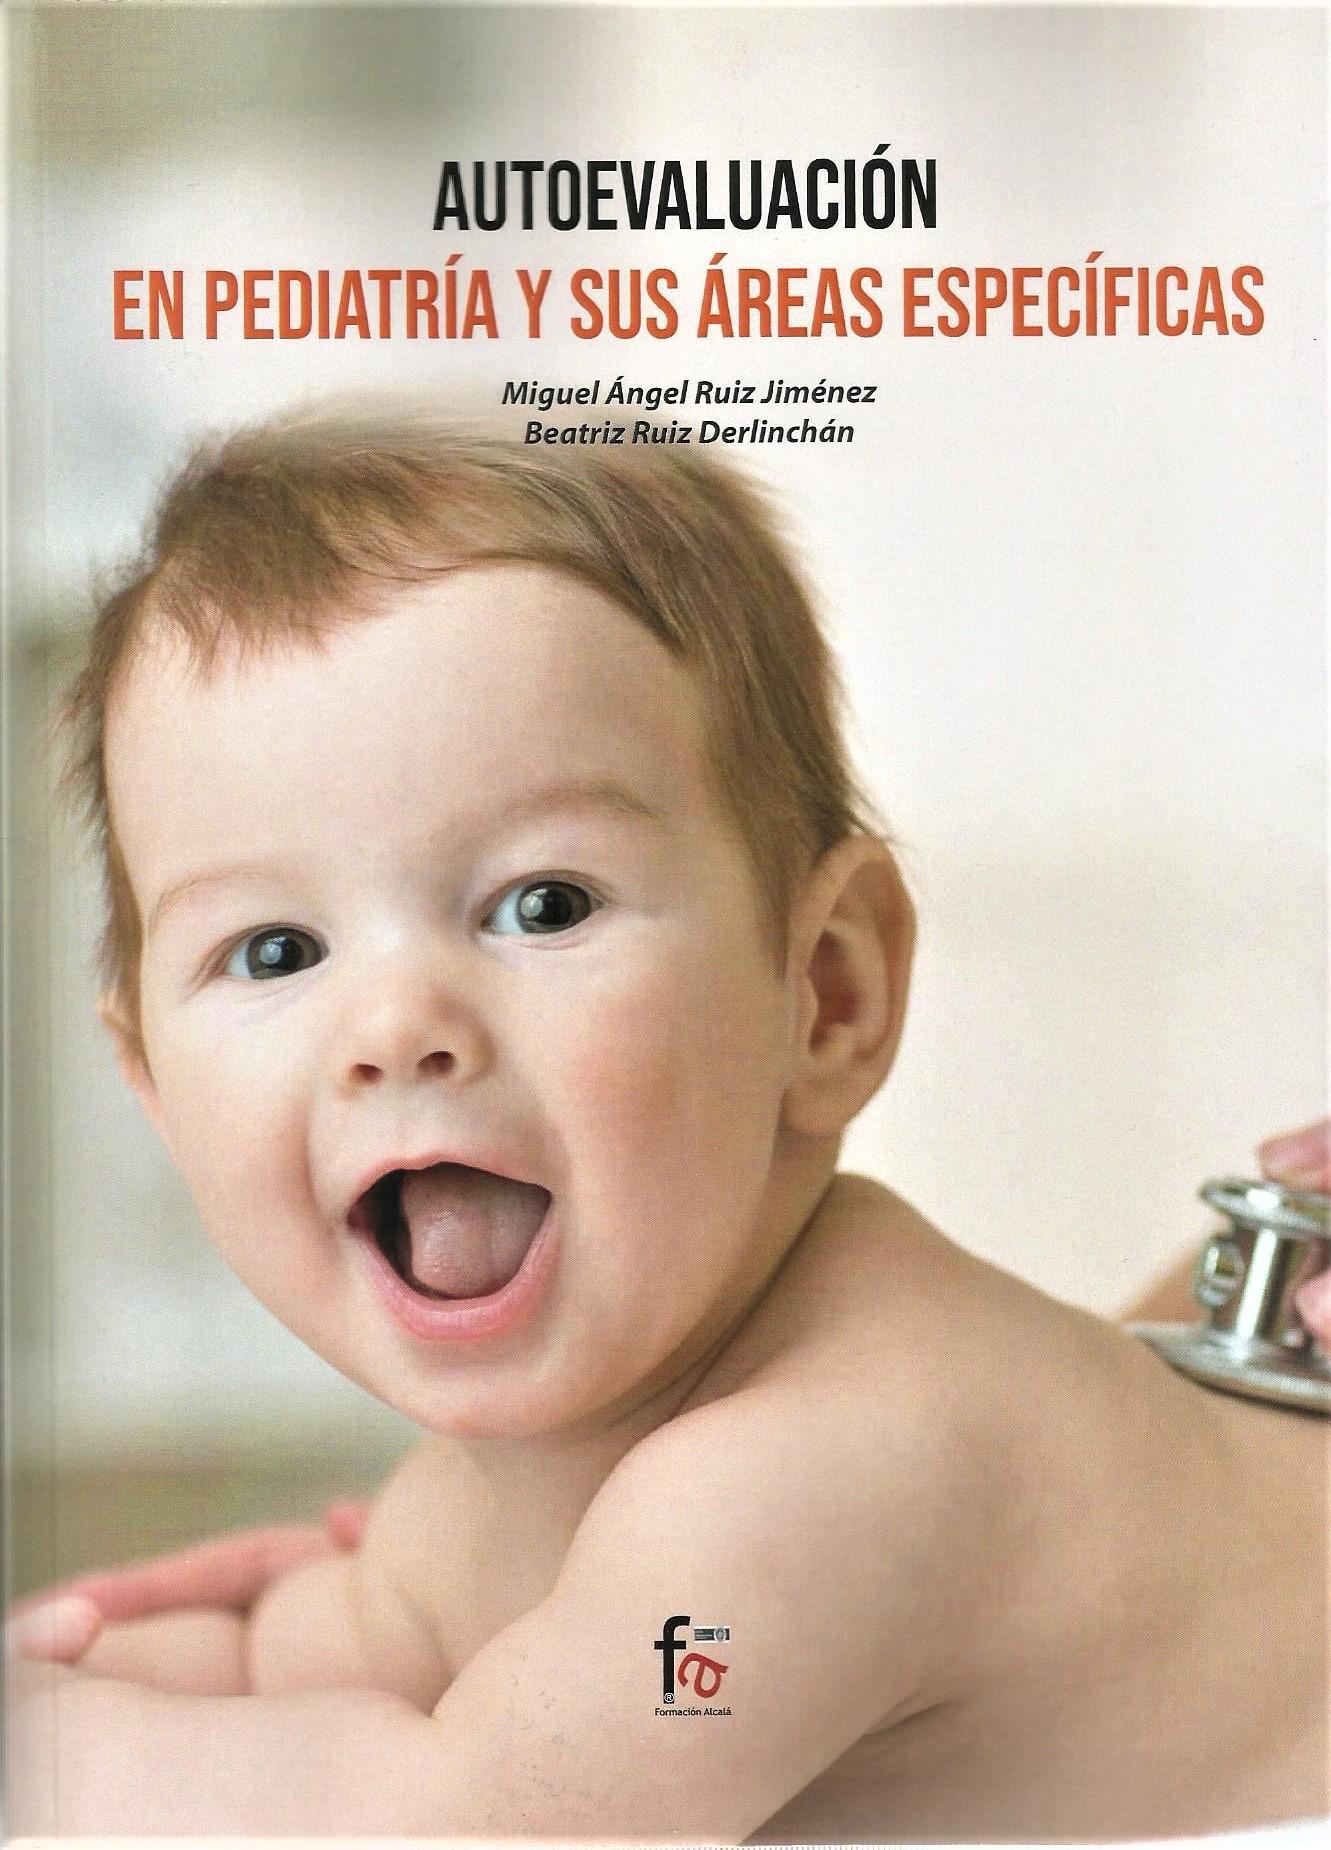 Publicación Libros Enfermería Prof. Miguel Ángel Ruiz Jiménez